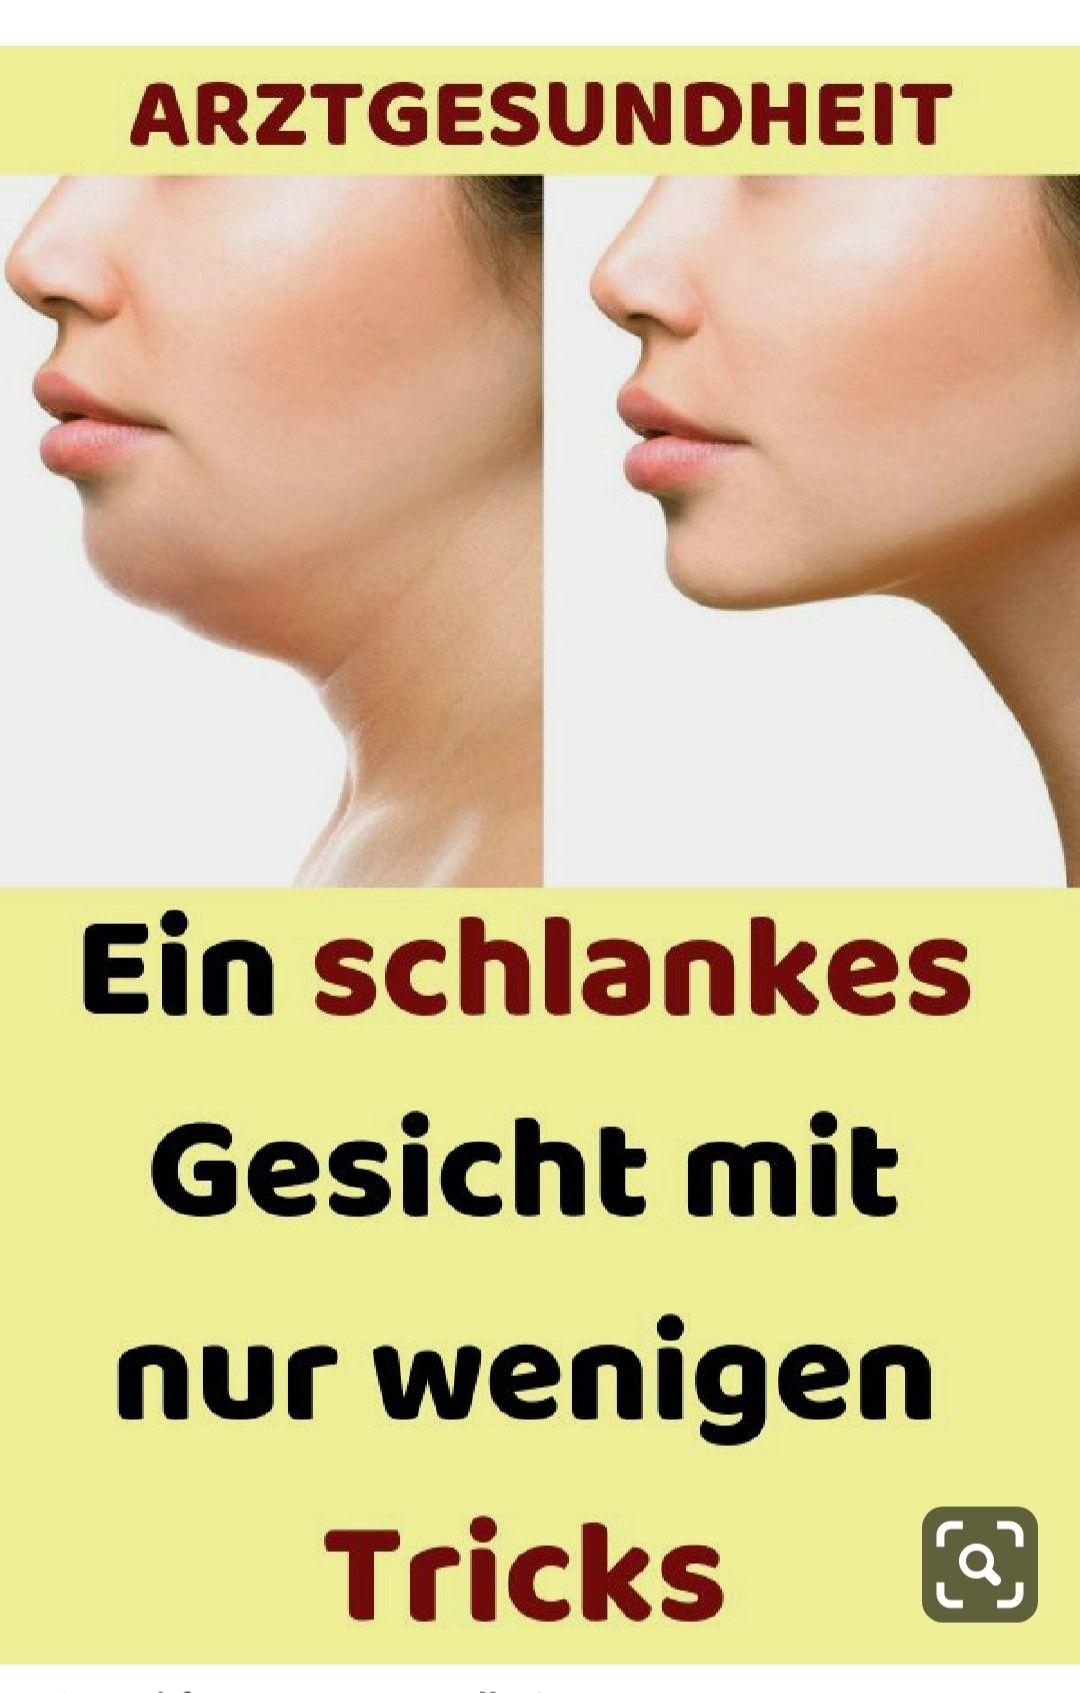 Ein schlankes Gesicht mit nur wenigen Tricks#beauty#yoga#gesund#gesundheit#gesundheitswesen#Ha...